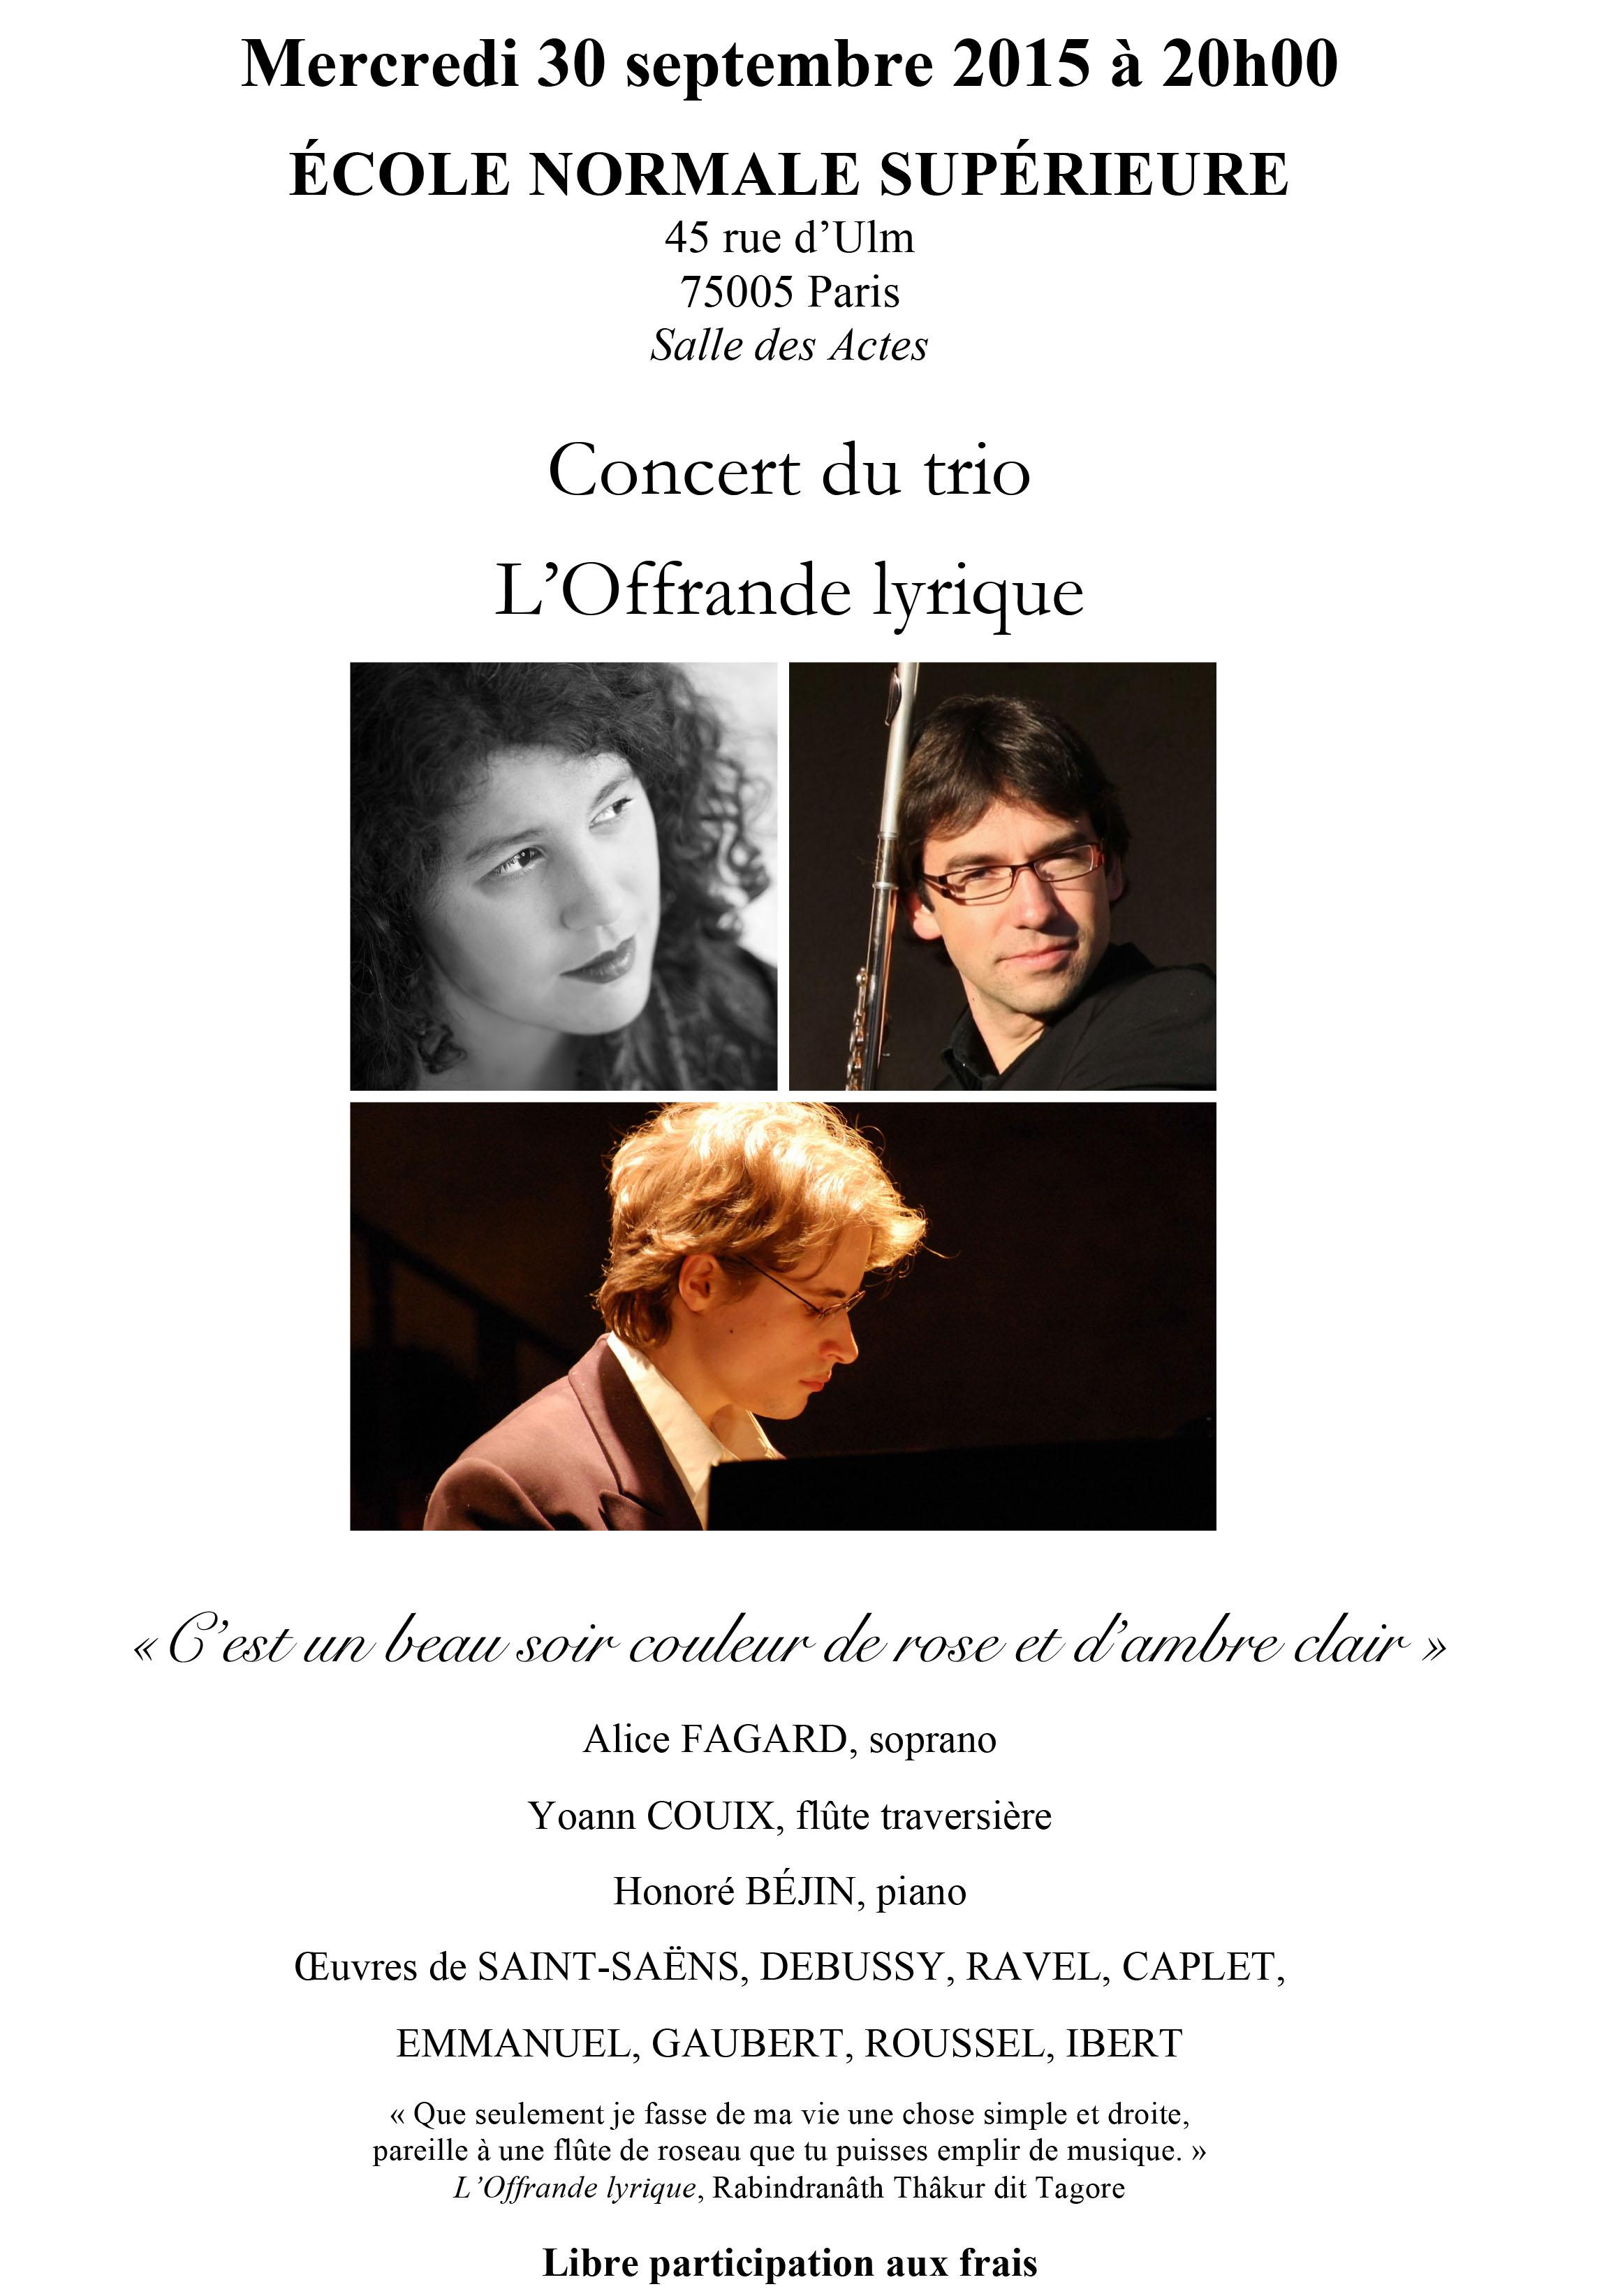 Concert mercredi 30 septembre